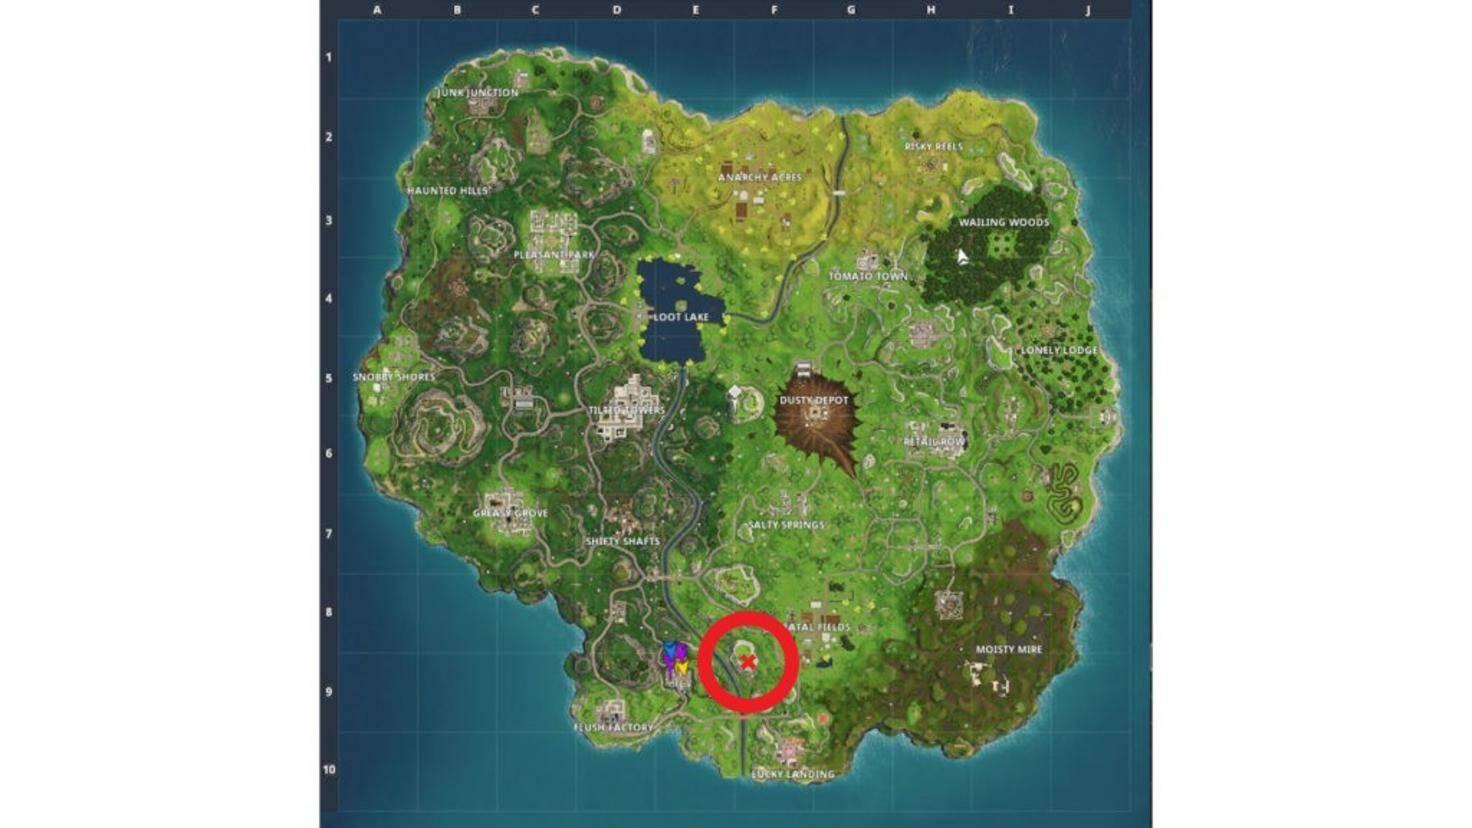 Das rote X im roten Kreis zeigt Dir den Fundort des dritten Sterns.